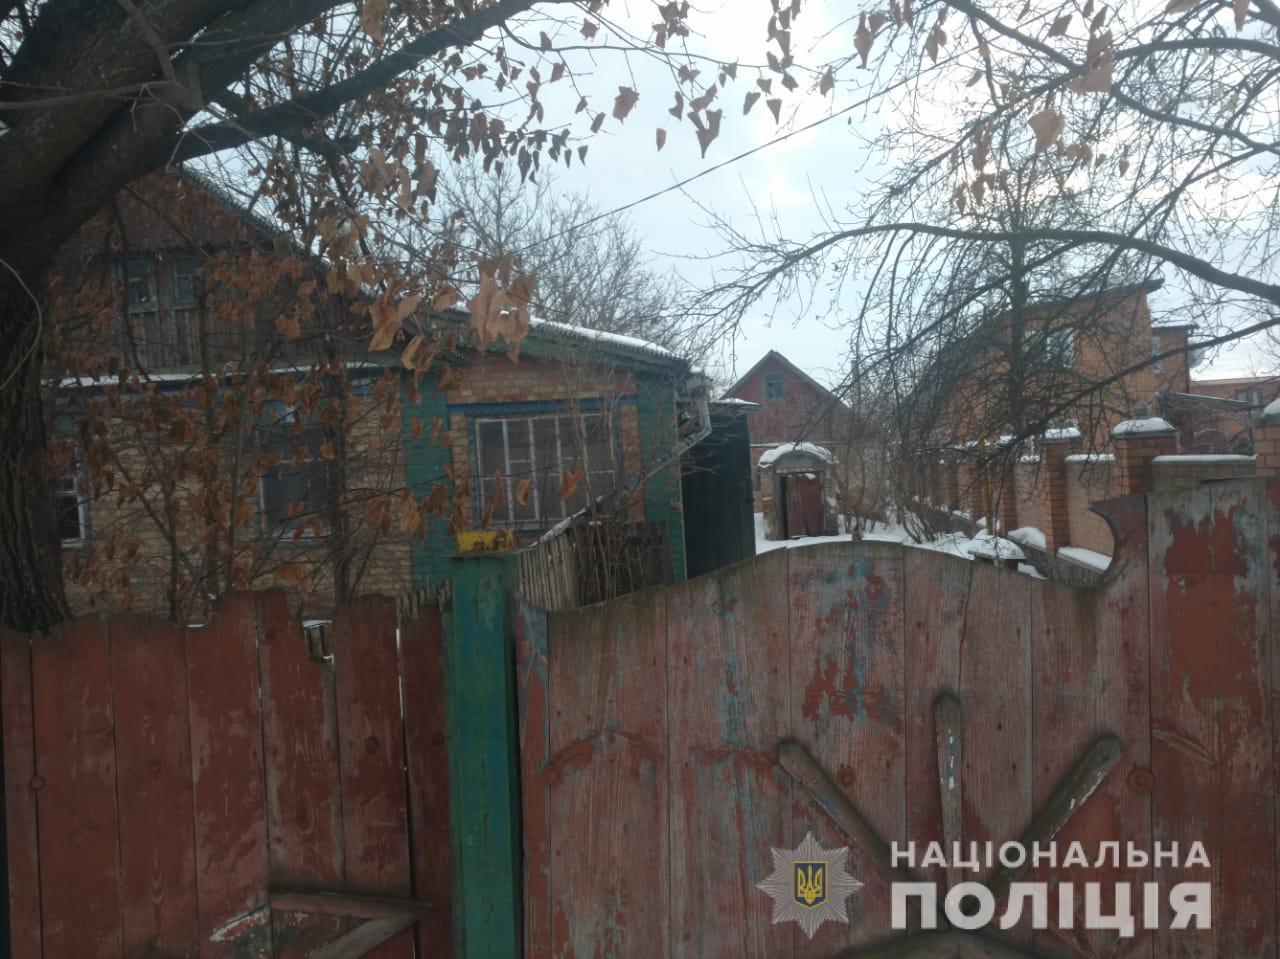 У Фастові затримали чоловіка, підозрюваного у вбивстві - Фастів, поліція Фастова, затримання, вбивство - fastiv1